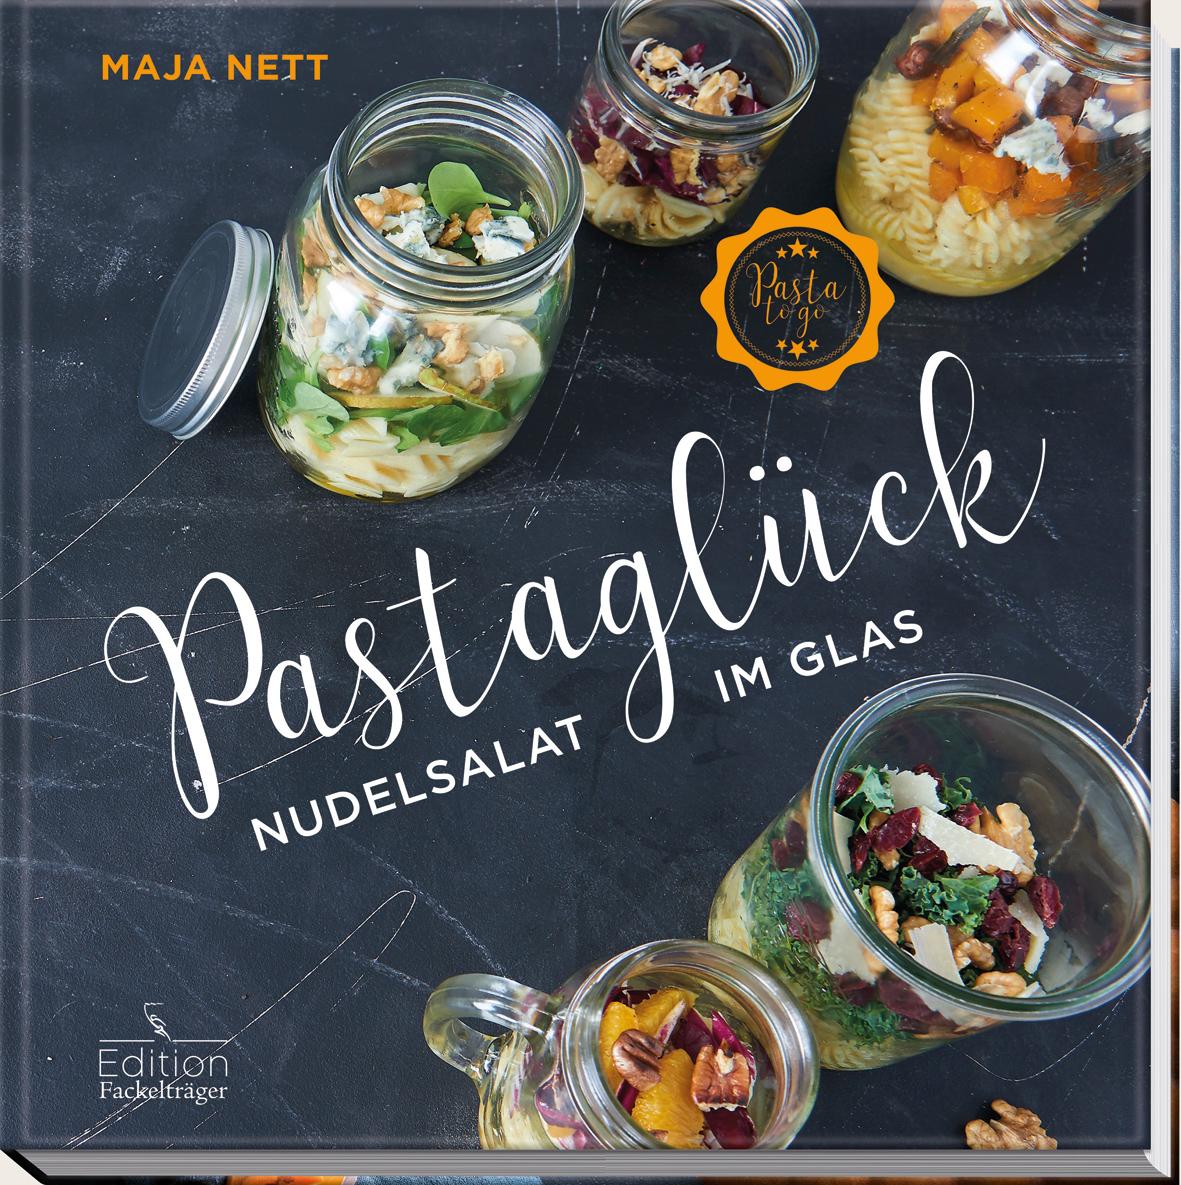 Rezension Pastaglück von Maja Nett